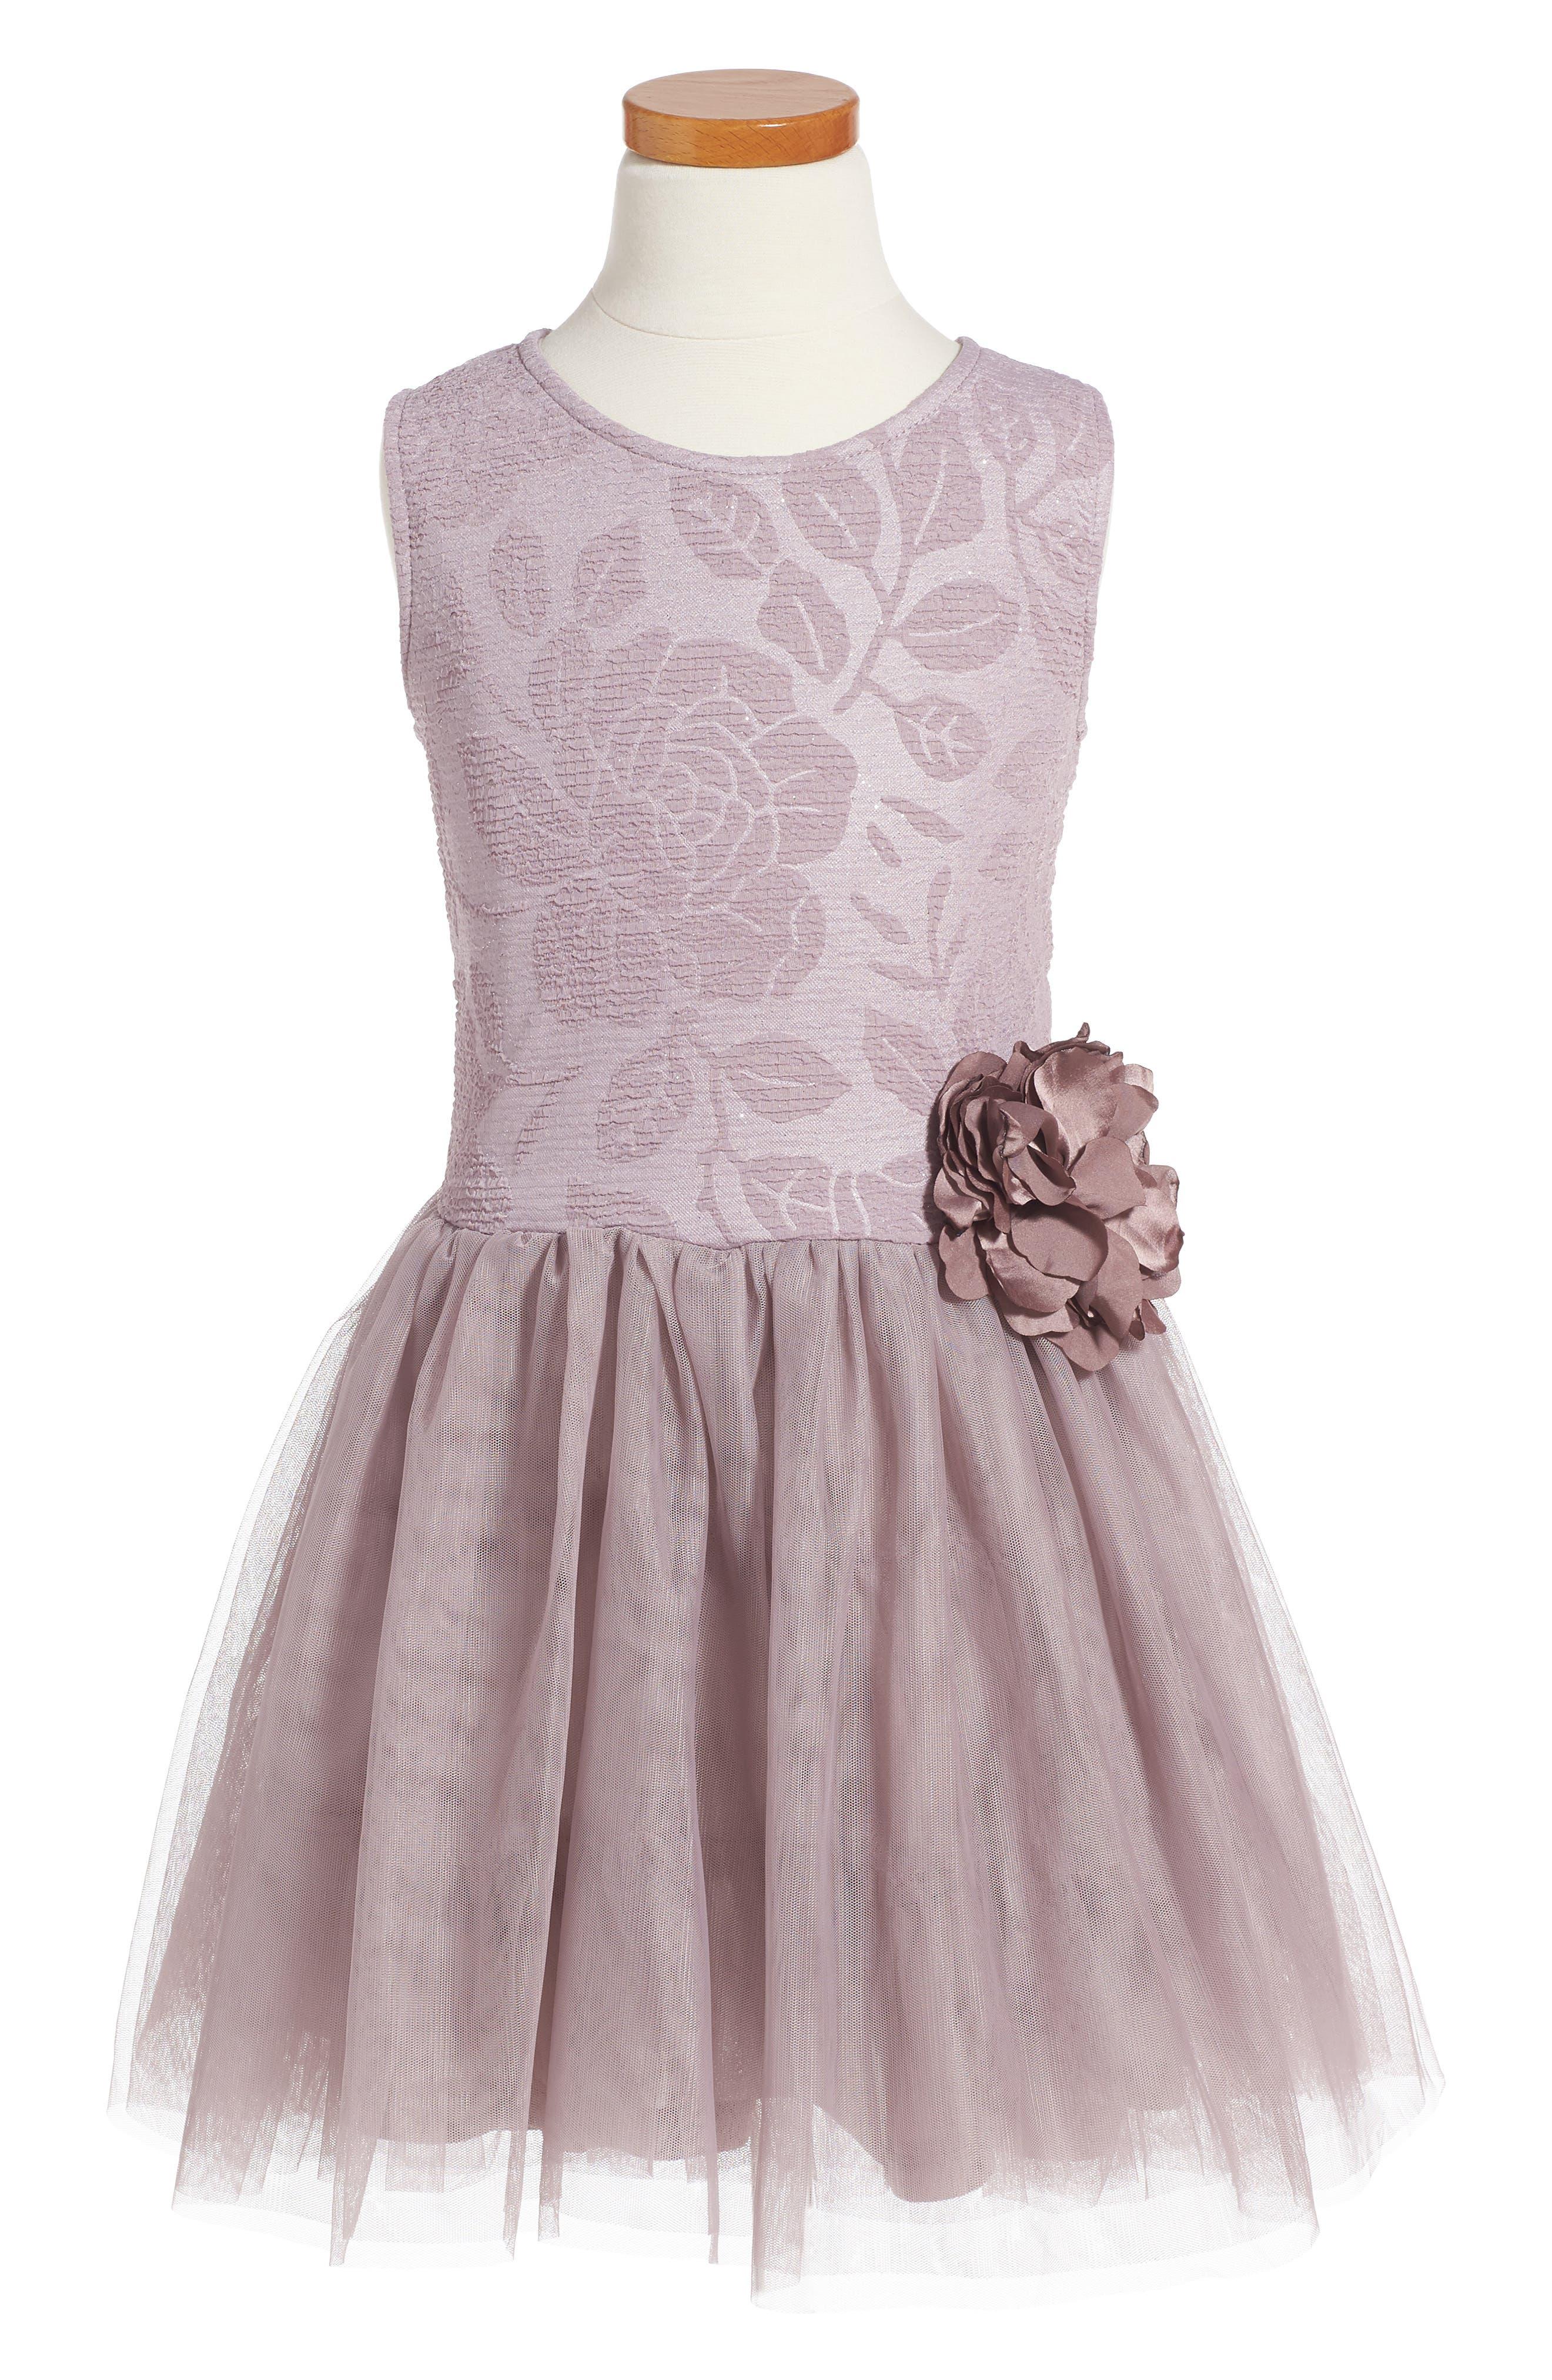 Pippa & Julie Embossed Rose Tutu Dress (Toddler Girls, Little Girls & Big Girls)